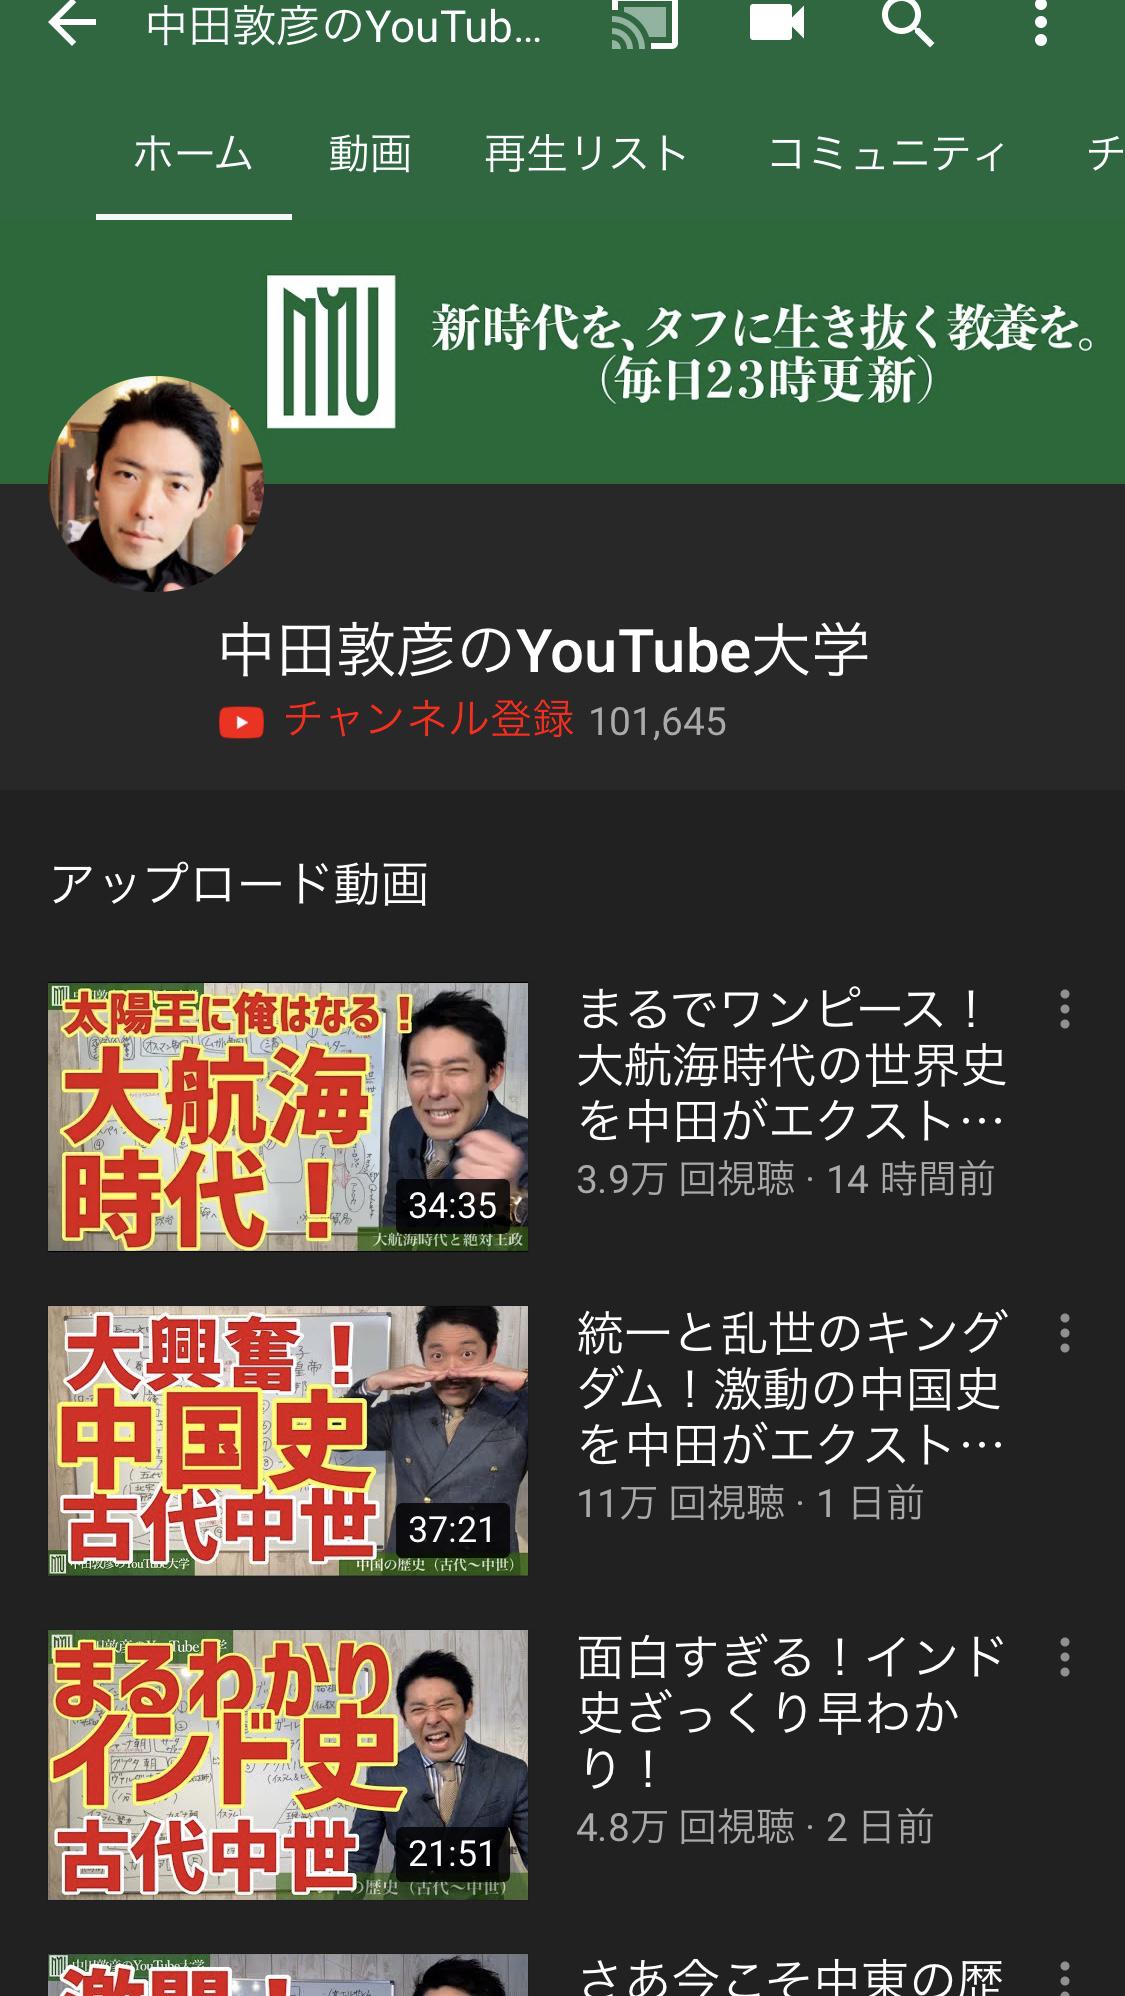 オリラジ中田、自分の得意分野わかっていた YouTube動画が人気に